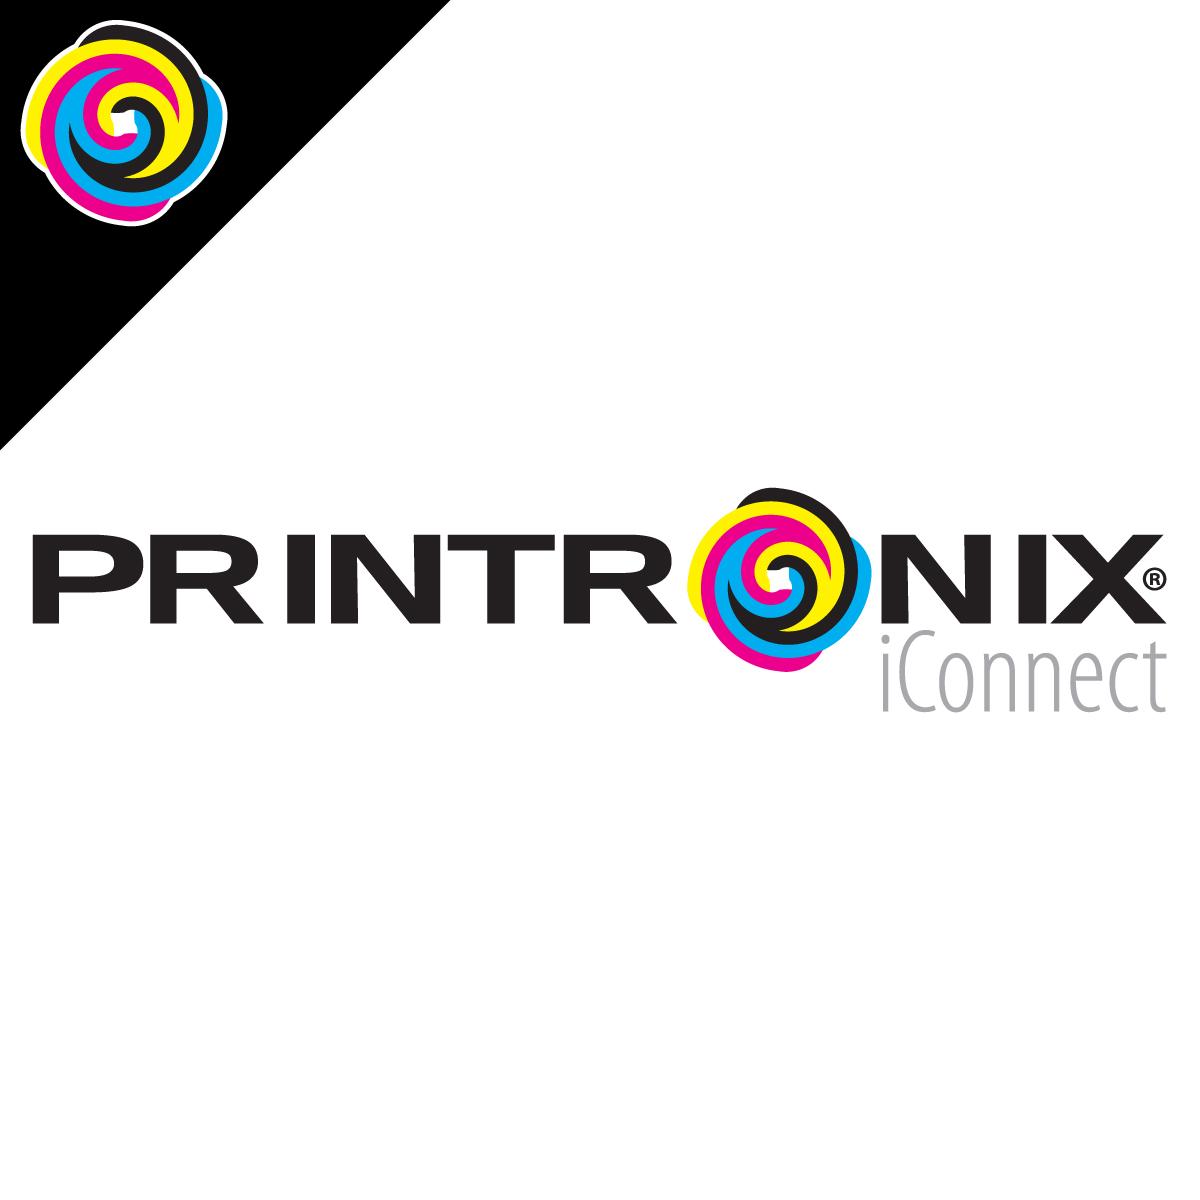 Printronix logóterv